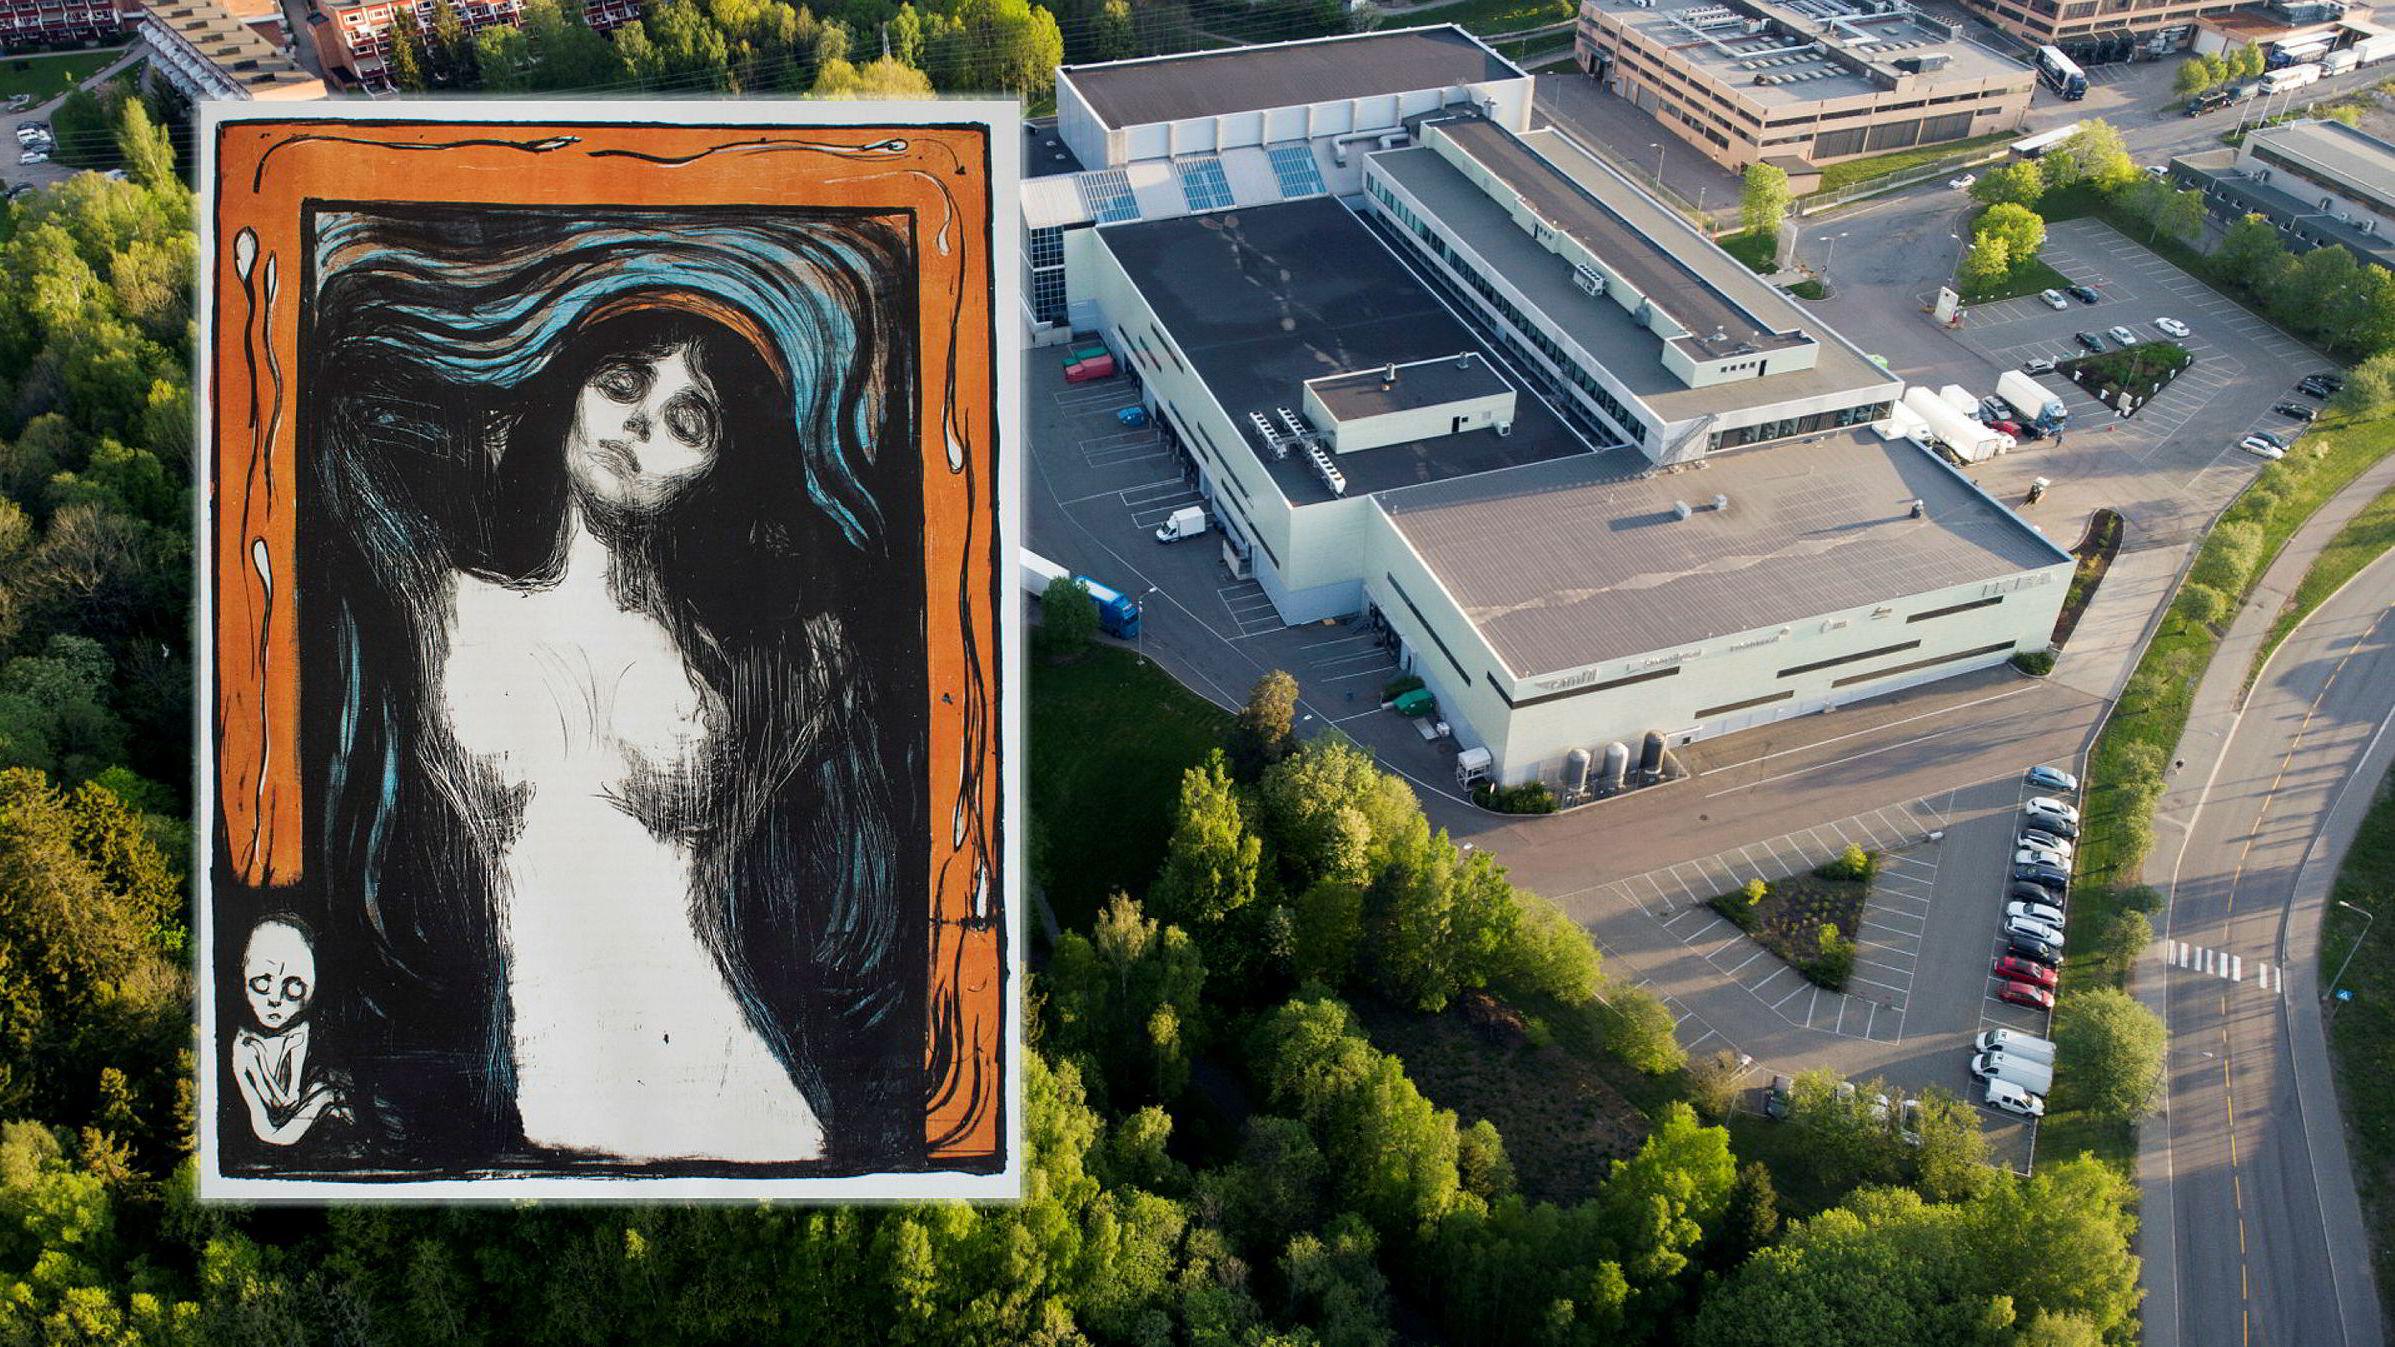 Hvem har hatt befatning med dette Edvard Munch-litografiet med rødoransje bord, etter at det forsvant fra DHLs kunstlager på Kalbakken en gang mellom sommeren 2013 og 2014?